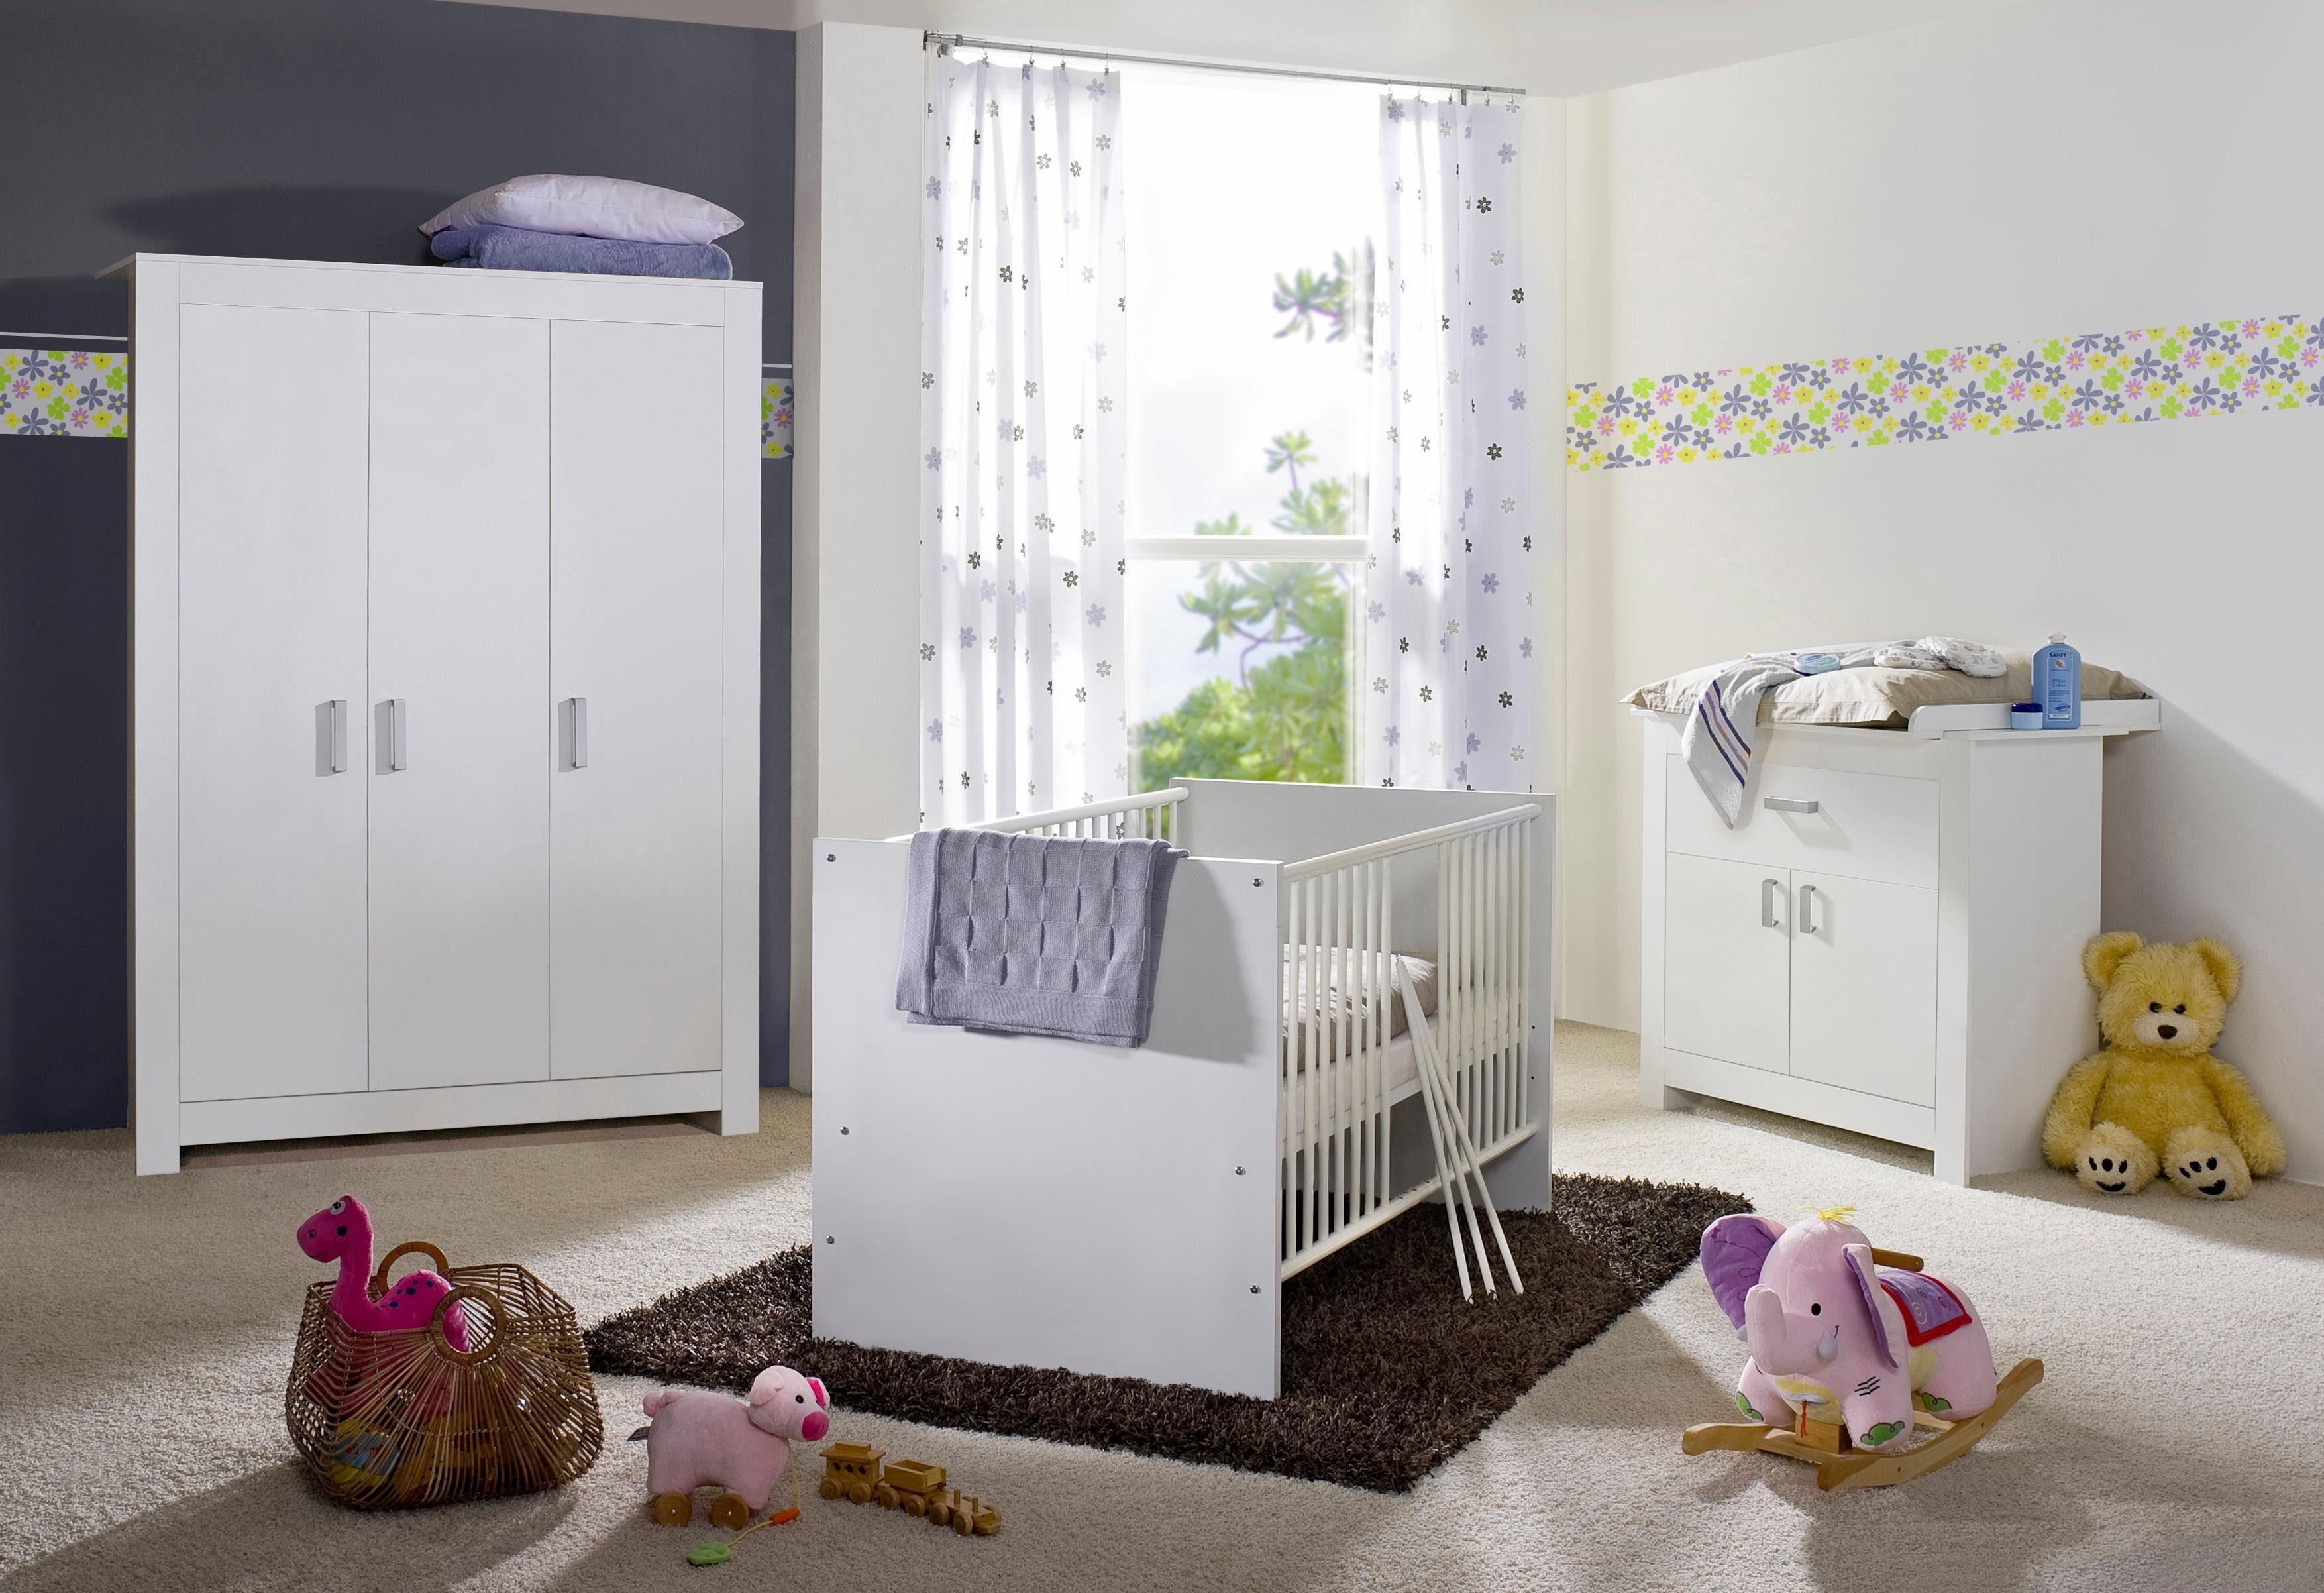 Komplett Babyzimmer »Kopenhagen« Babybett + Wickelkommode + Kleiderschrank (3-tlg.), in weiß matt